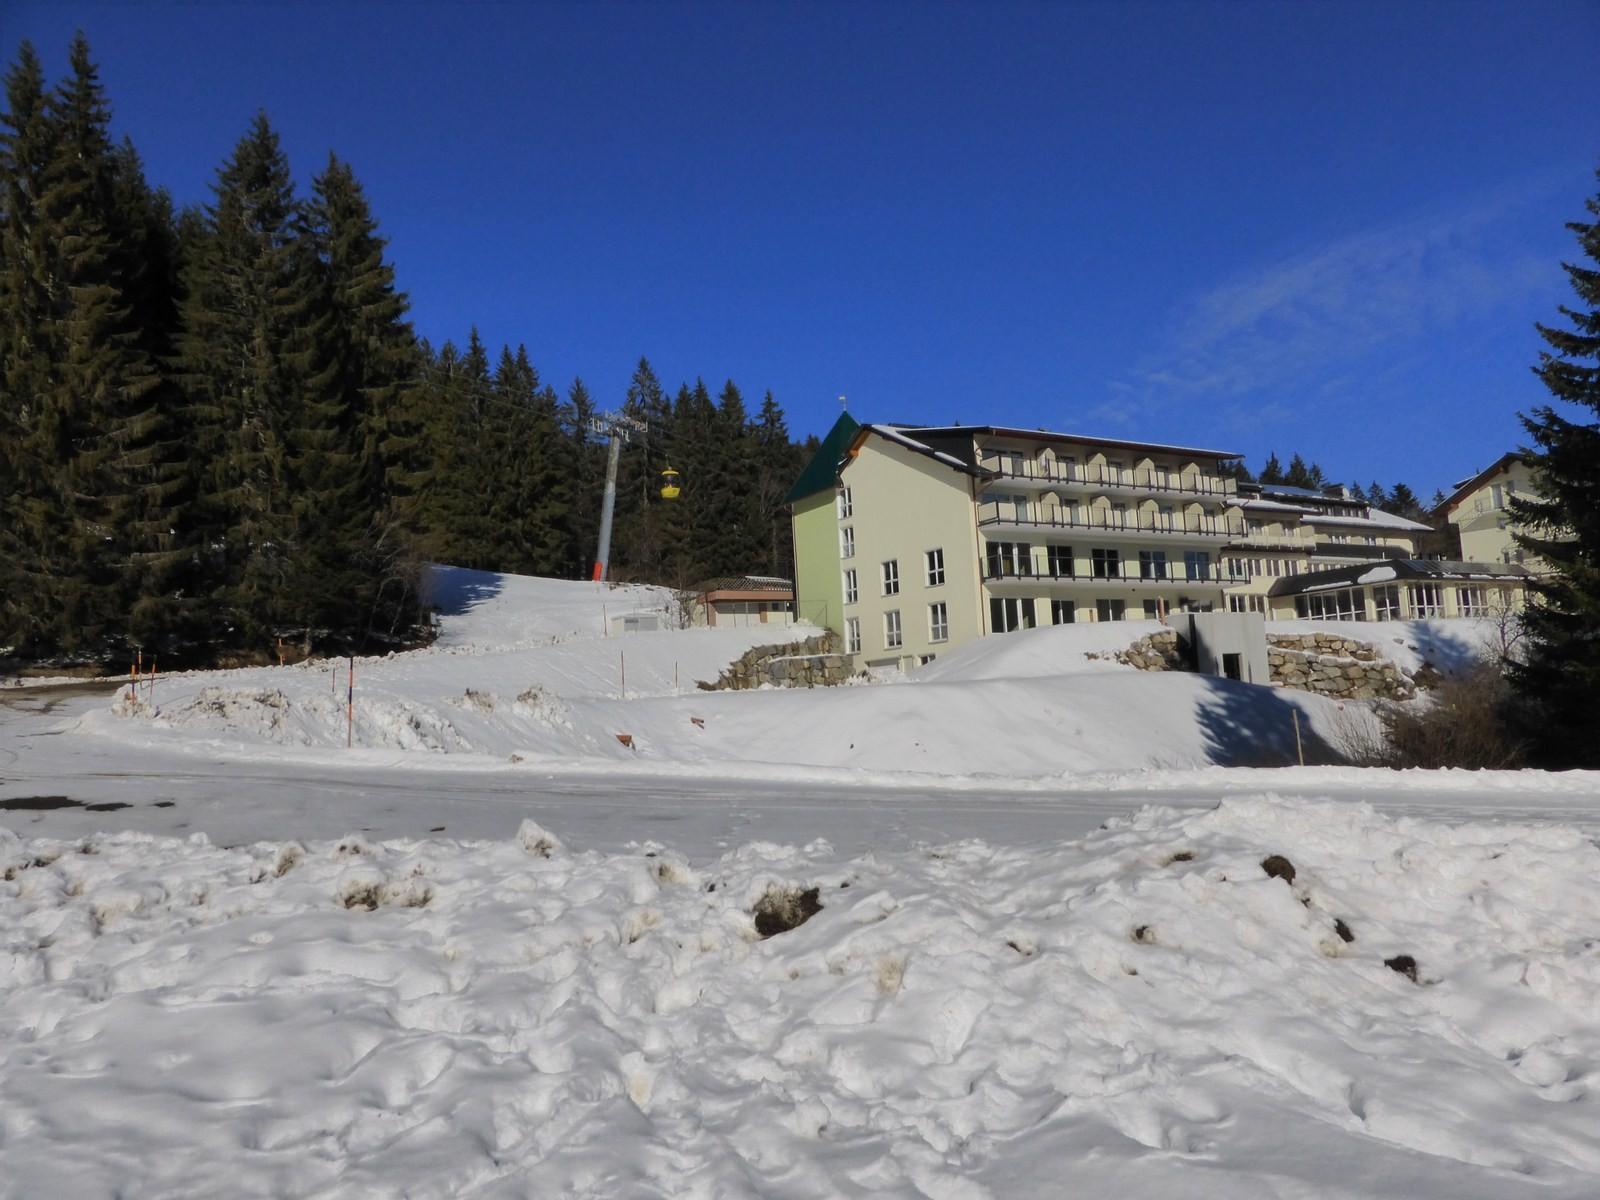 Hotel Jägerstüble in Obermulten © Hartmut Hermanns